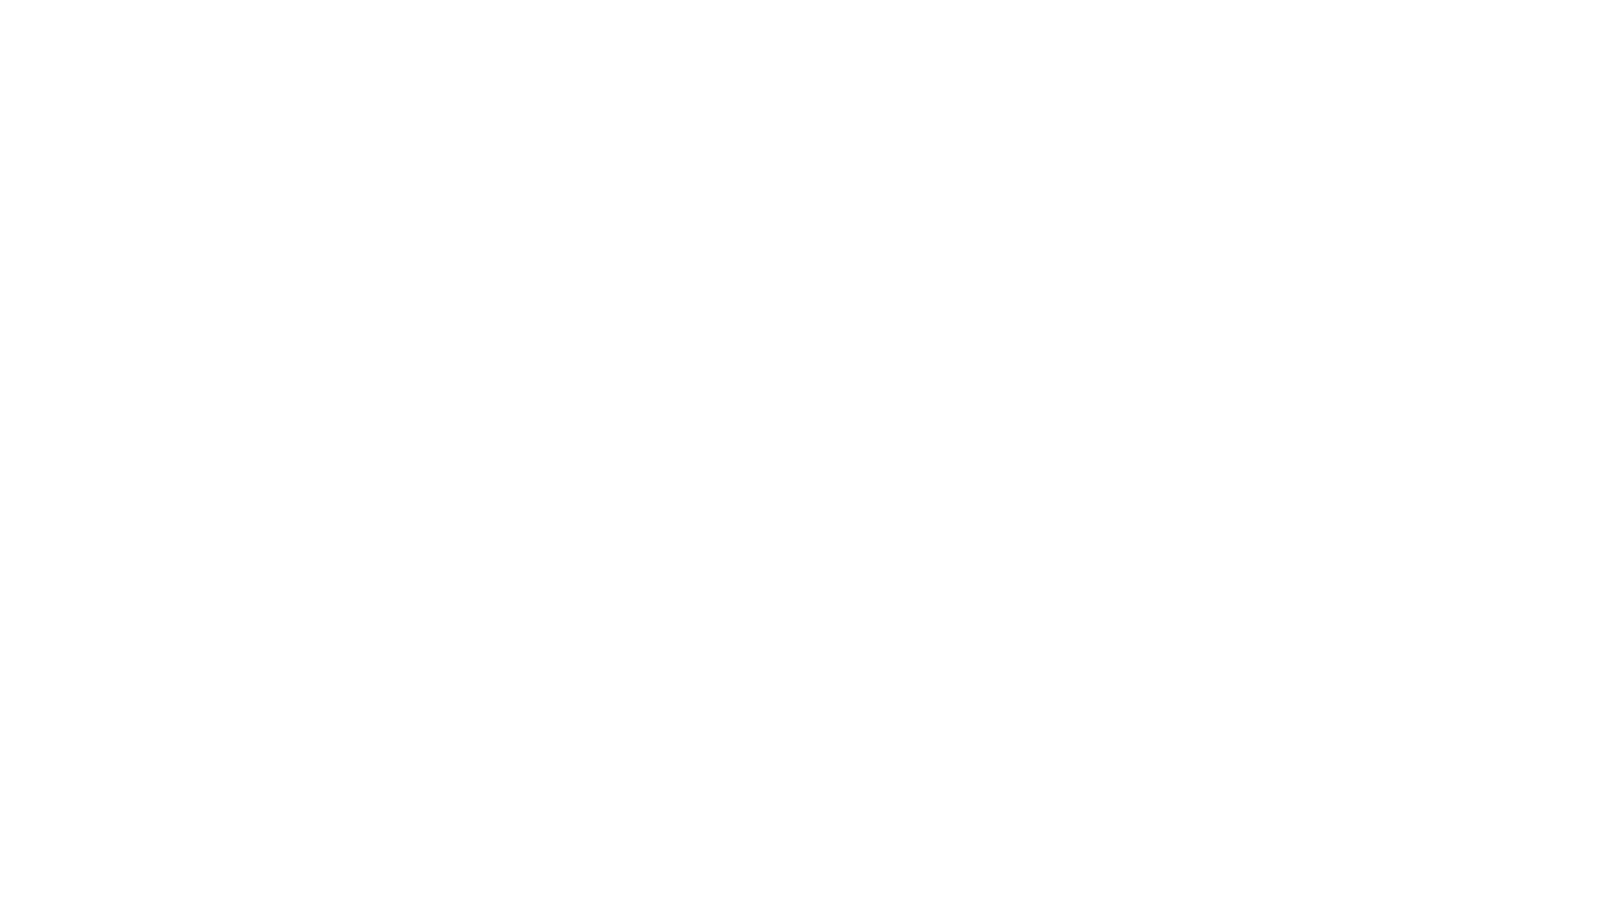 """दिल्ली सरकार के उर्स कमिटी का सपथ ग्रहण समारोह और ऑफिस का उद्घाटन समारोह में दिल्ली विधानसभा स्पीकर व दिल्ली सरकार के अन्य मंत्री मौजूद रहे अगले महीने होने वाले उर्स की तैयारी पर जोर दिया  Sara Sach 【 सारा सच 】 Web & Print Media  Newspaper, Magazine, Promotion, Event, (Show Your Talent) etc  सारा सच मीडिया एक दिल्ली बेस मीडिया और प्रोडक्शन हाउस है, जो मुख्य रूप से ऑनलाइन और ऑफलाइन मीडिया के माध्यम से उभरते हुए कलाकार,व्यापारी, समाज सेवियों के लिए प्रमोशन व प्रचार का काम करता है l  सारा सच के नाम से न्यूज़ चैनल व """"सारा सच"""" समाचार पत्र का प्रकाशन भी करता है में सामाजिक,सांस्कृतिक, टैलेंट हंट, फिल्मी समाचारों के साथ-साथ हेल्थ व ब्यूटी टिप्स तथा अन्य महत्वपूर्ण जानकारियां, सामाजिक व राजनीतिक लेख भी प्रकाशित किए जाते हैं !   सारा सच मीडिया सांस्कृतिक, टैलेंट हंट,स्टार नाइट,अवार्ड शो, बिज़नेस इवेंट का आयोजन भी पिछले कई वर्षों से कर रहा है तथा वर्तमान में टीवी विज्ञापन,शॉर्ट फिल्म, म्यूजिक एल्बम, धारावाहिक आदि पर विशेष बल दिया जा रहा है! जो भी  उभरते हुए कलाकार,सामाजिक कार्यकर्ता, सांस्कृतिक व एजुकेशनल संस्थान, राजनीतिक पार्टी नेता व वर्कर तथा व्यापारी अपनी प्रमोशन चाहते हैं, वह संपर्क करें । Don't forget to Like, Share, Comments and Subscribe to this channel #sarasach #hamarivani  For Collabs / Business Promotions sarasach786@gmail.com  Invite us in your city, college, school sarasach786@gmail.com  ∎ Follow us on  Website    : https://www.sarasach.com  Facebook : https://www.facebook.com/Sarasach  FB Group  : https://www.facebook.com/groups/Sarasach Twitter      : https://twitter.com/Sarasachh   Call - 999-000-7067  sarasach786@gmail.com www.SaraSach.com"""